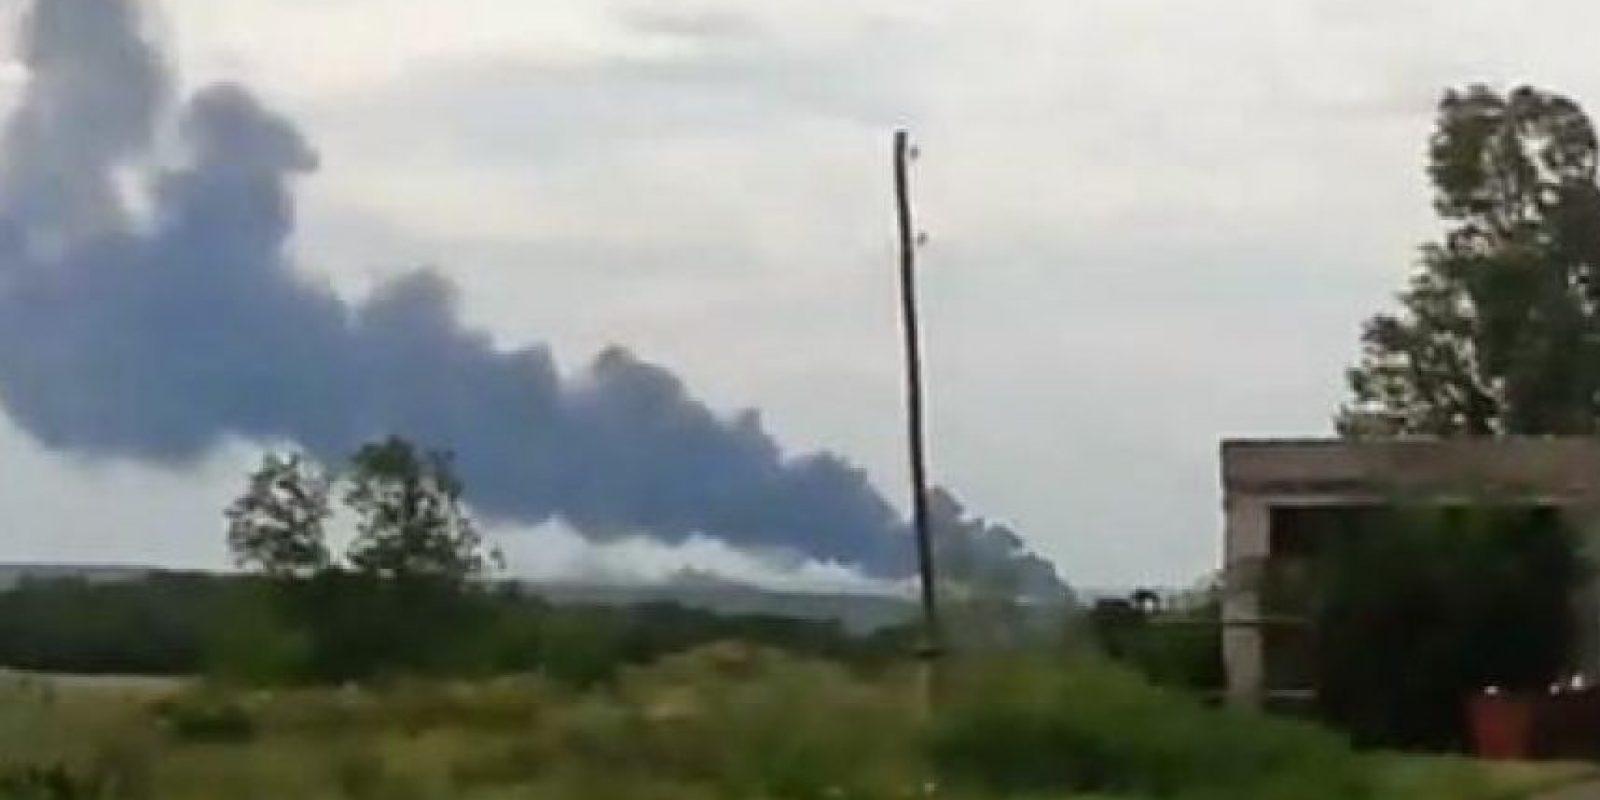 295 personas murieron abordo en el avión que cayó en la frontera entre Rusia y Ucrania. 280 eran pasajeros y 15 eran miembros de la tripulación. Foto:Twitter @wrecktify